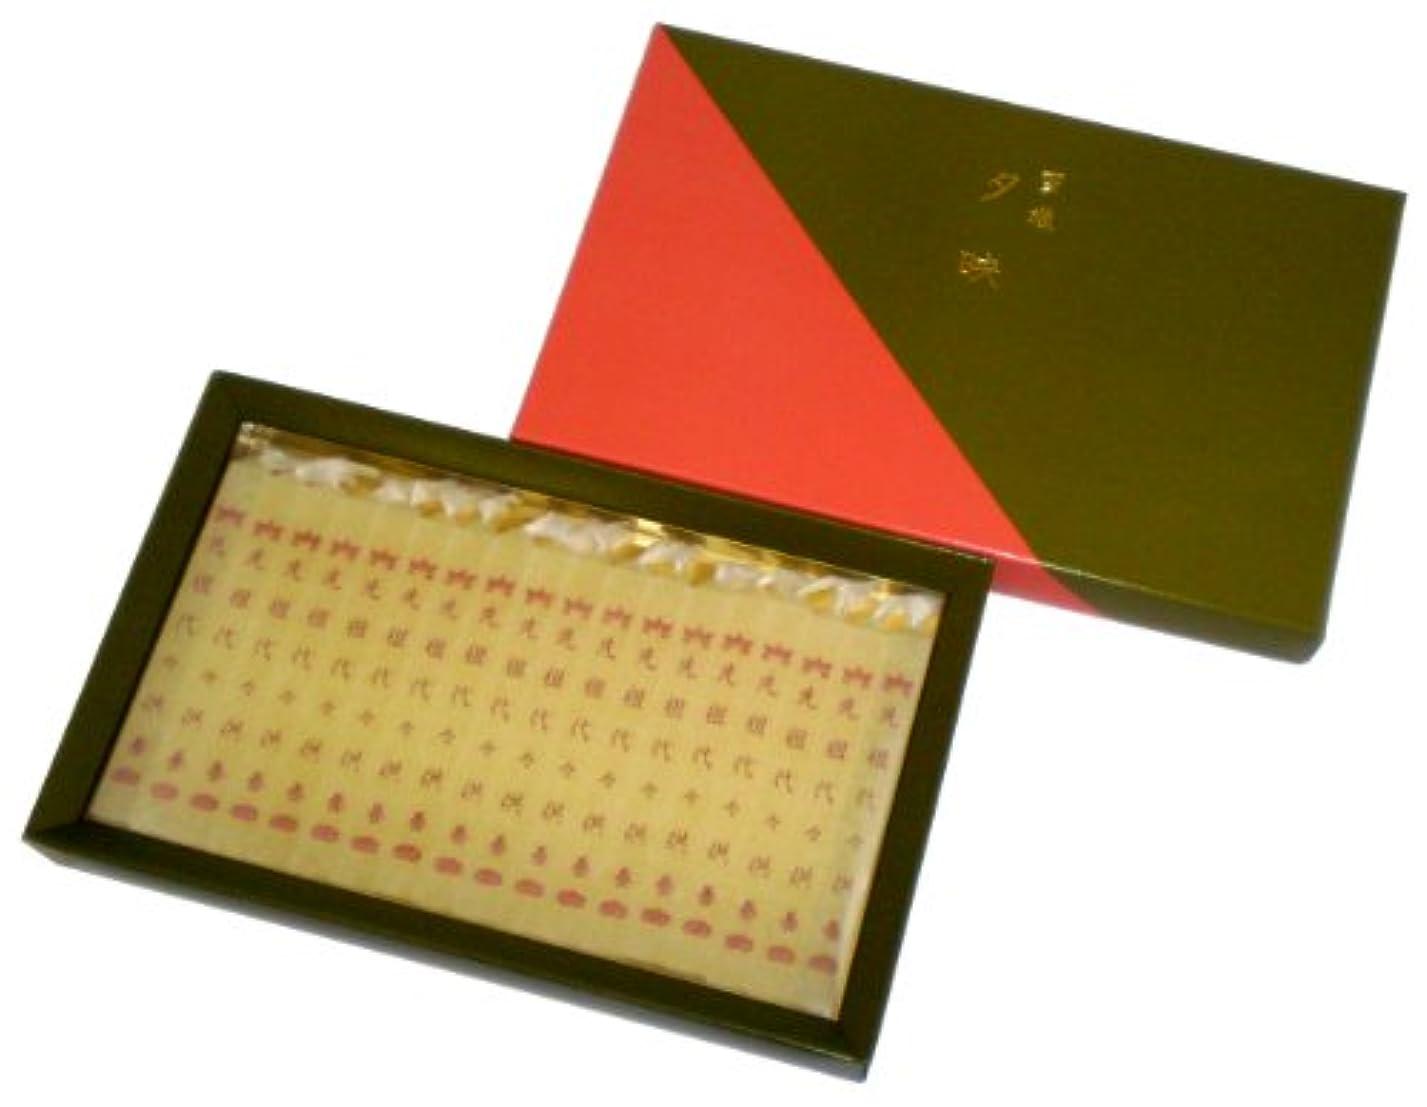 自体司教リボン鳥居のローソク 蜜蝋夕映 先祖 18本入 紙箱 #100753